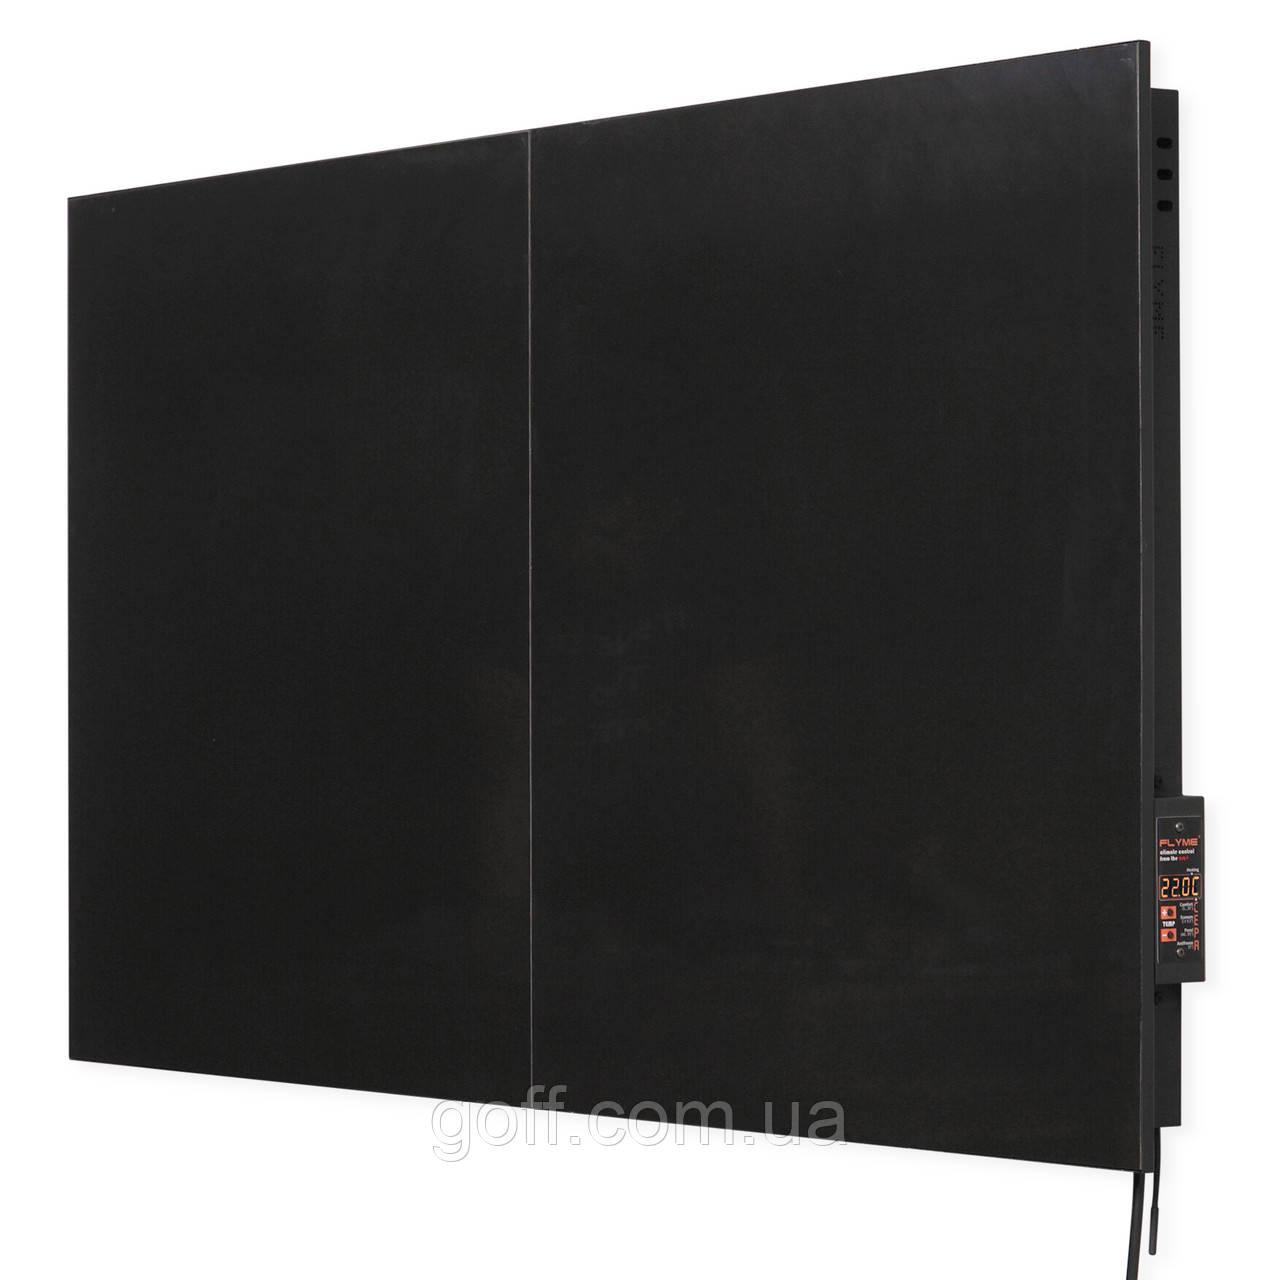 Керамічна панель Flyme 900PB чорний